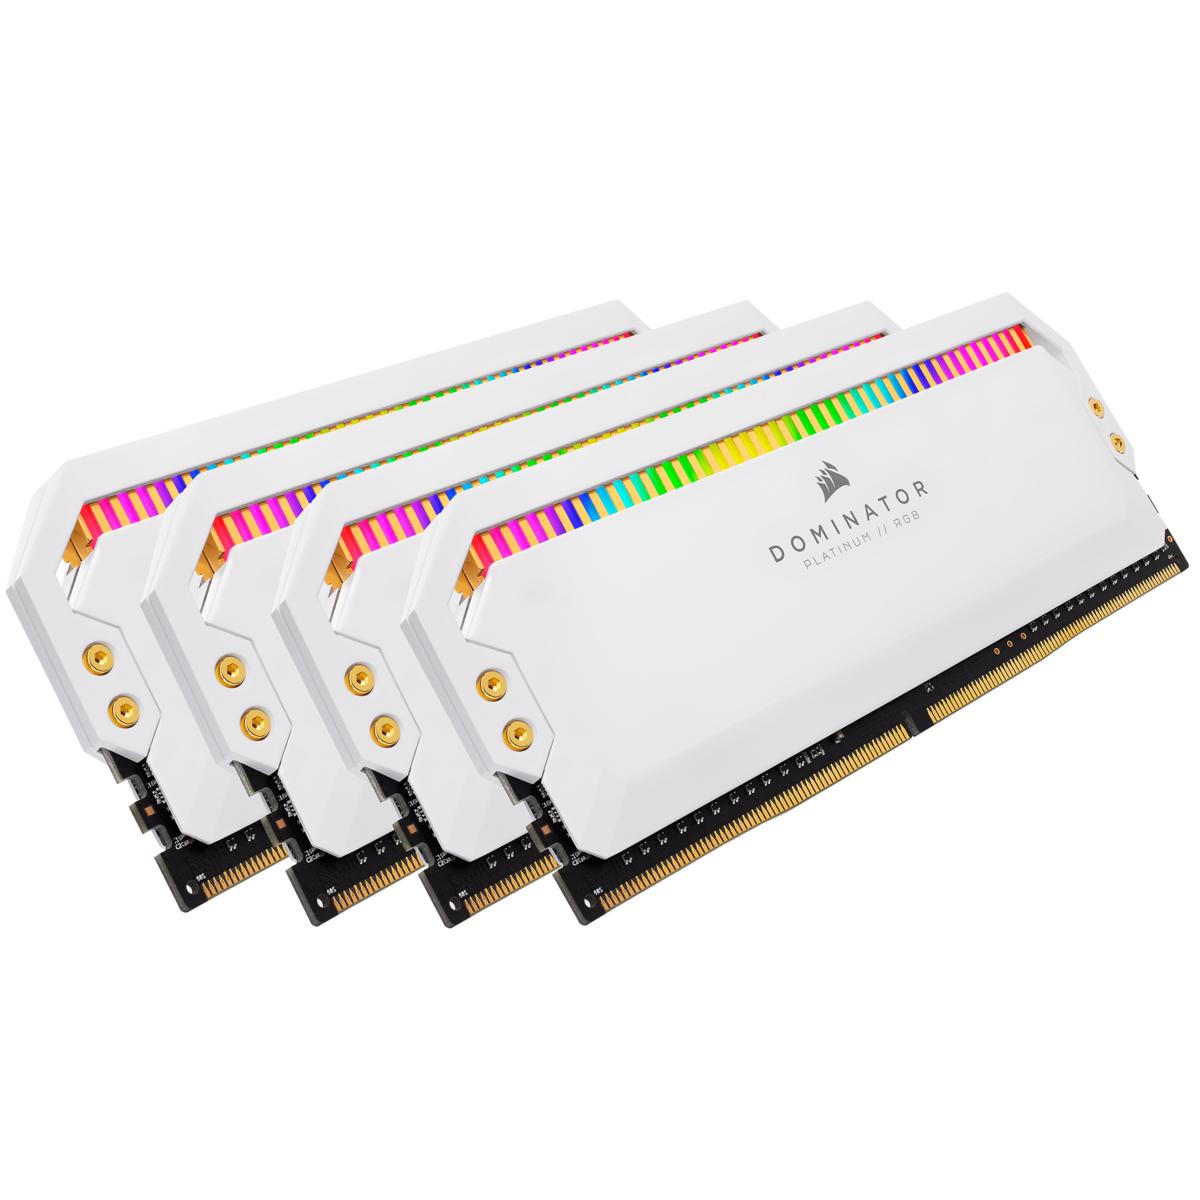 Corsair Dominator CMT32GX4M4C3200C16W memory module 32 GB DDR4 3200 MHz